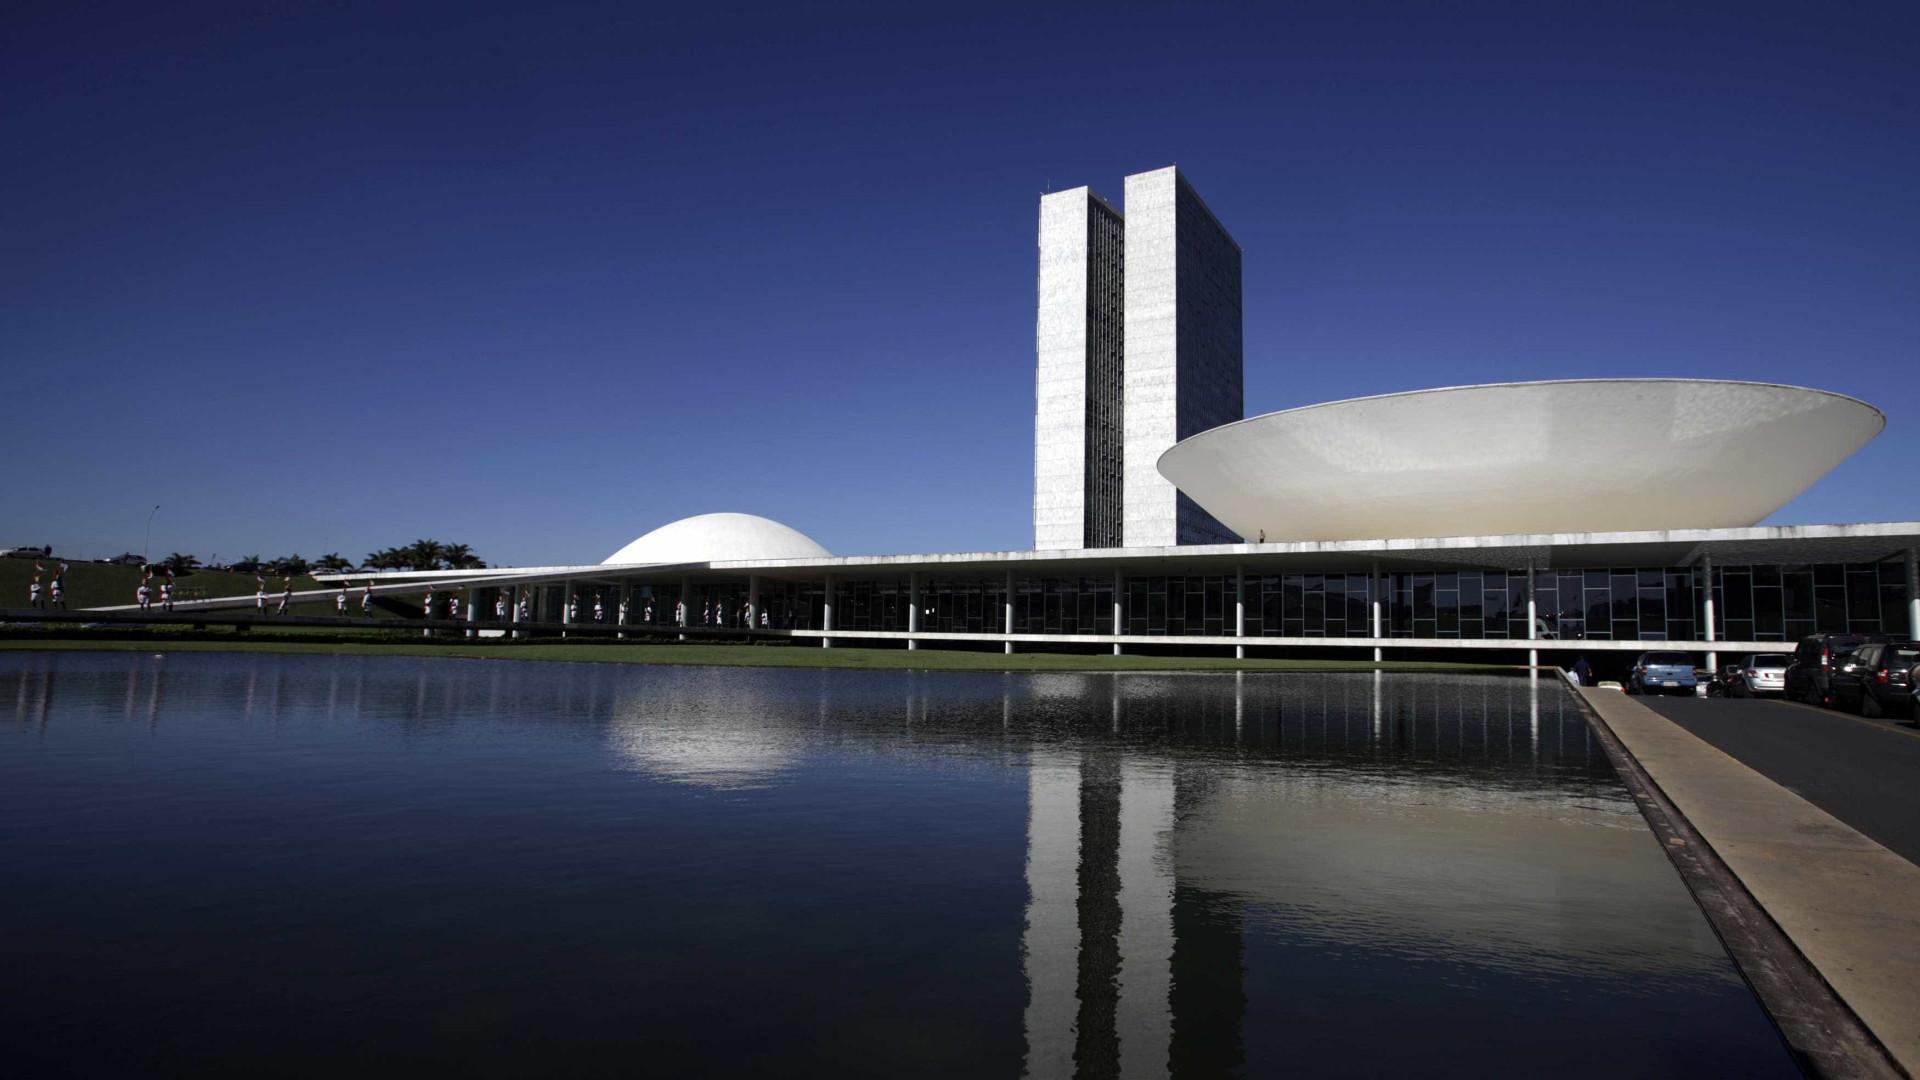 Líderes reagem a Bolsonaro e anunciarão veto a trechos da reforma